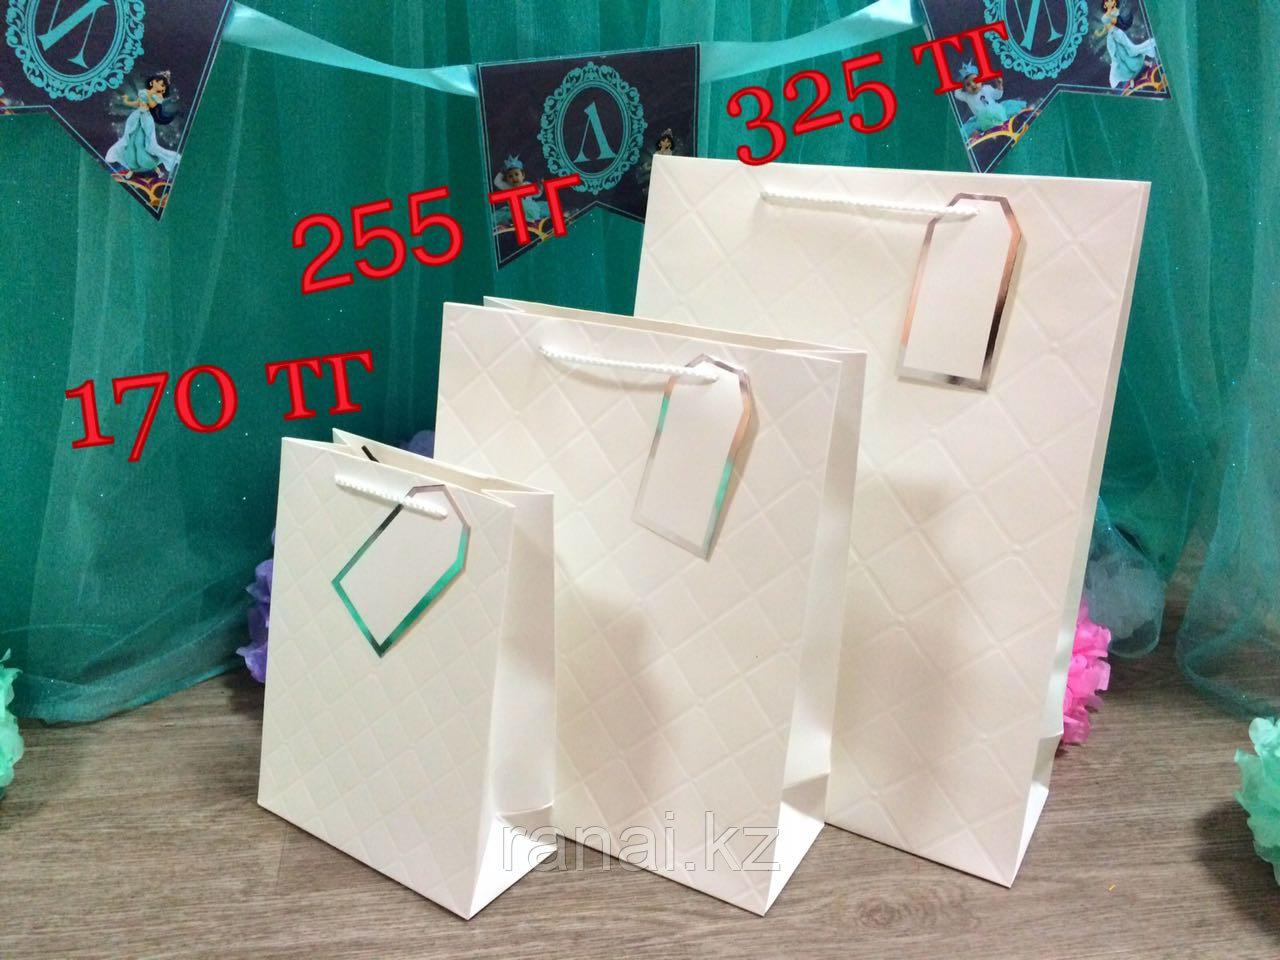 Подарочные пакеты, упаковки купить по низкой цене